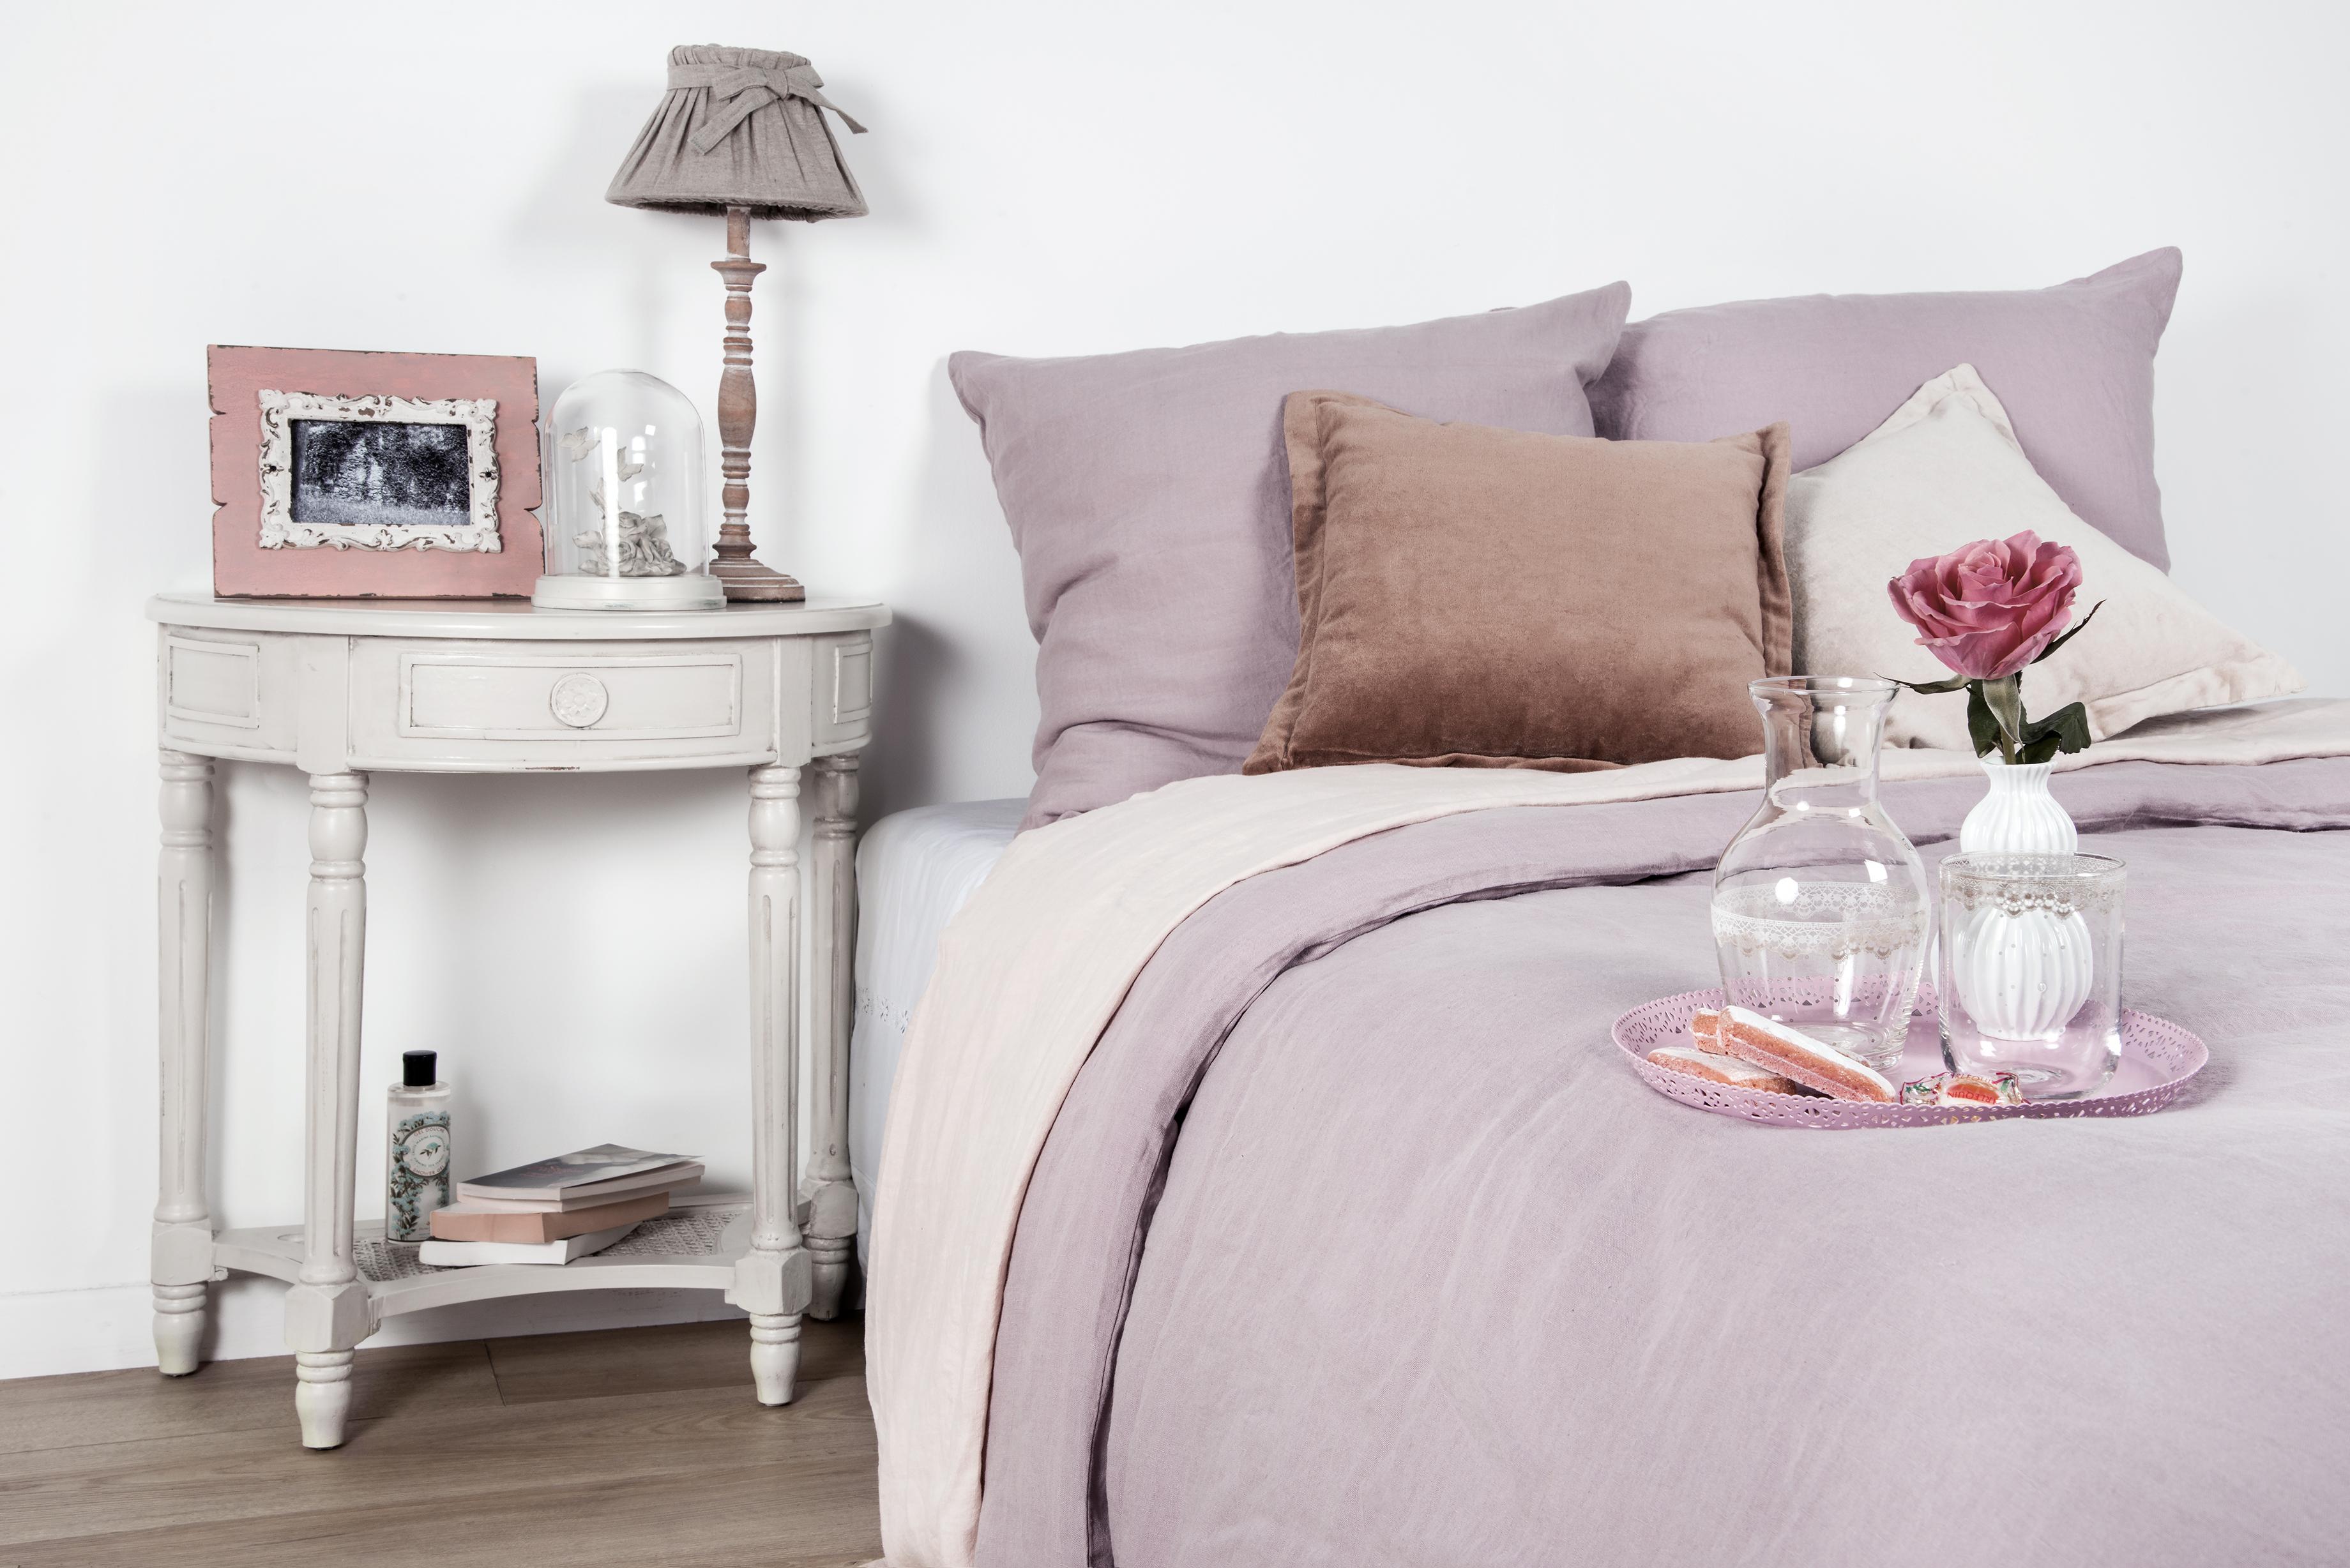 полукруглый деревянный столик у кровати с подушками